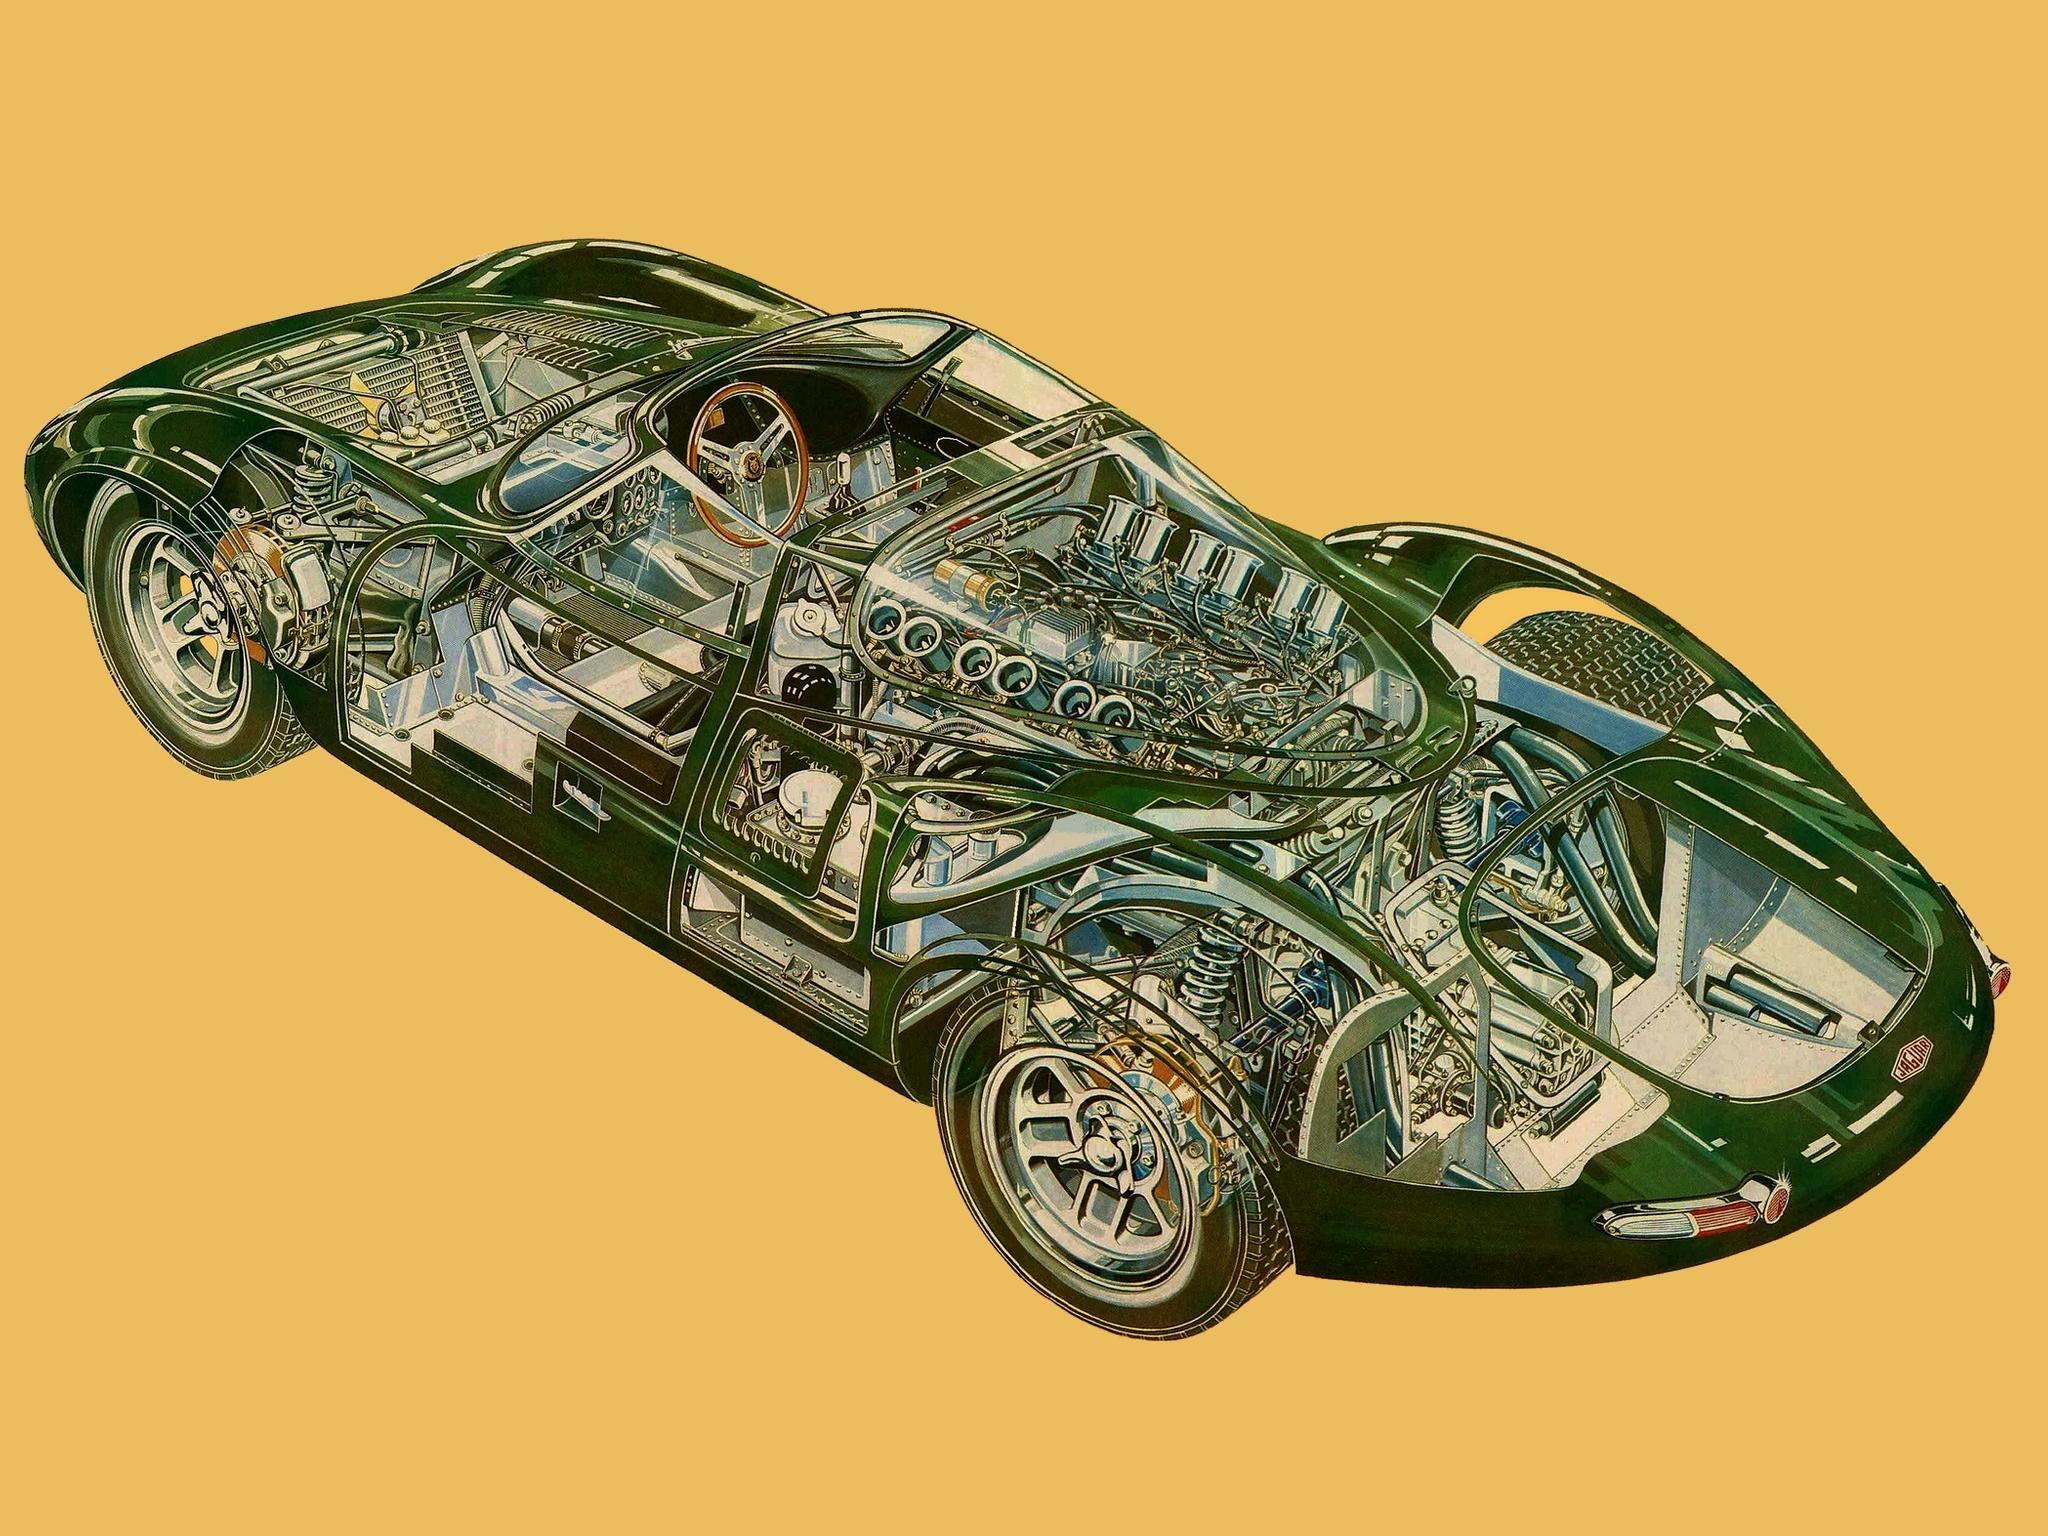 Jaguar XJ13 cutaway